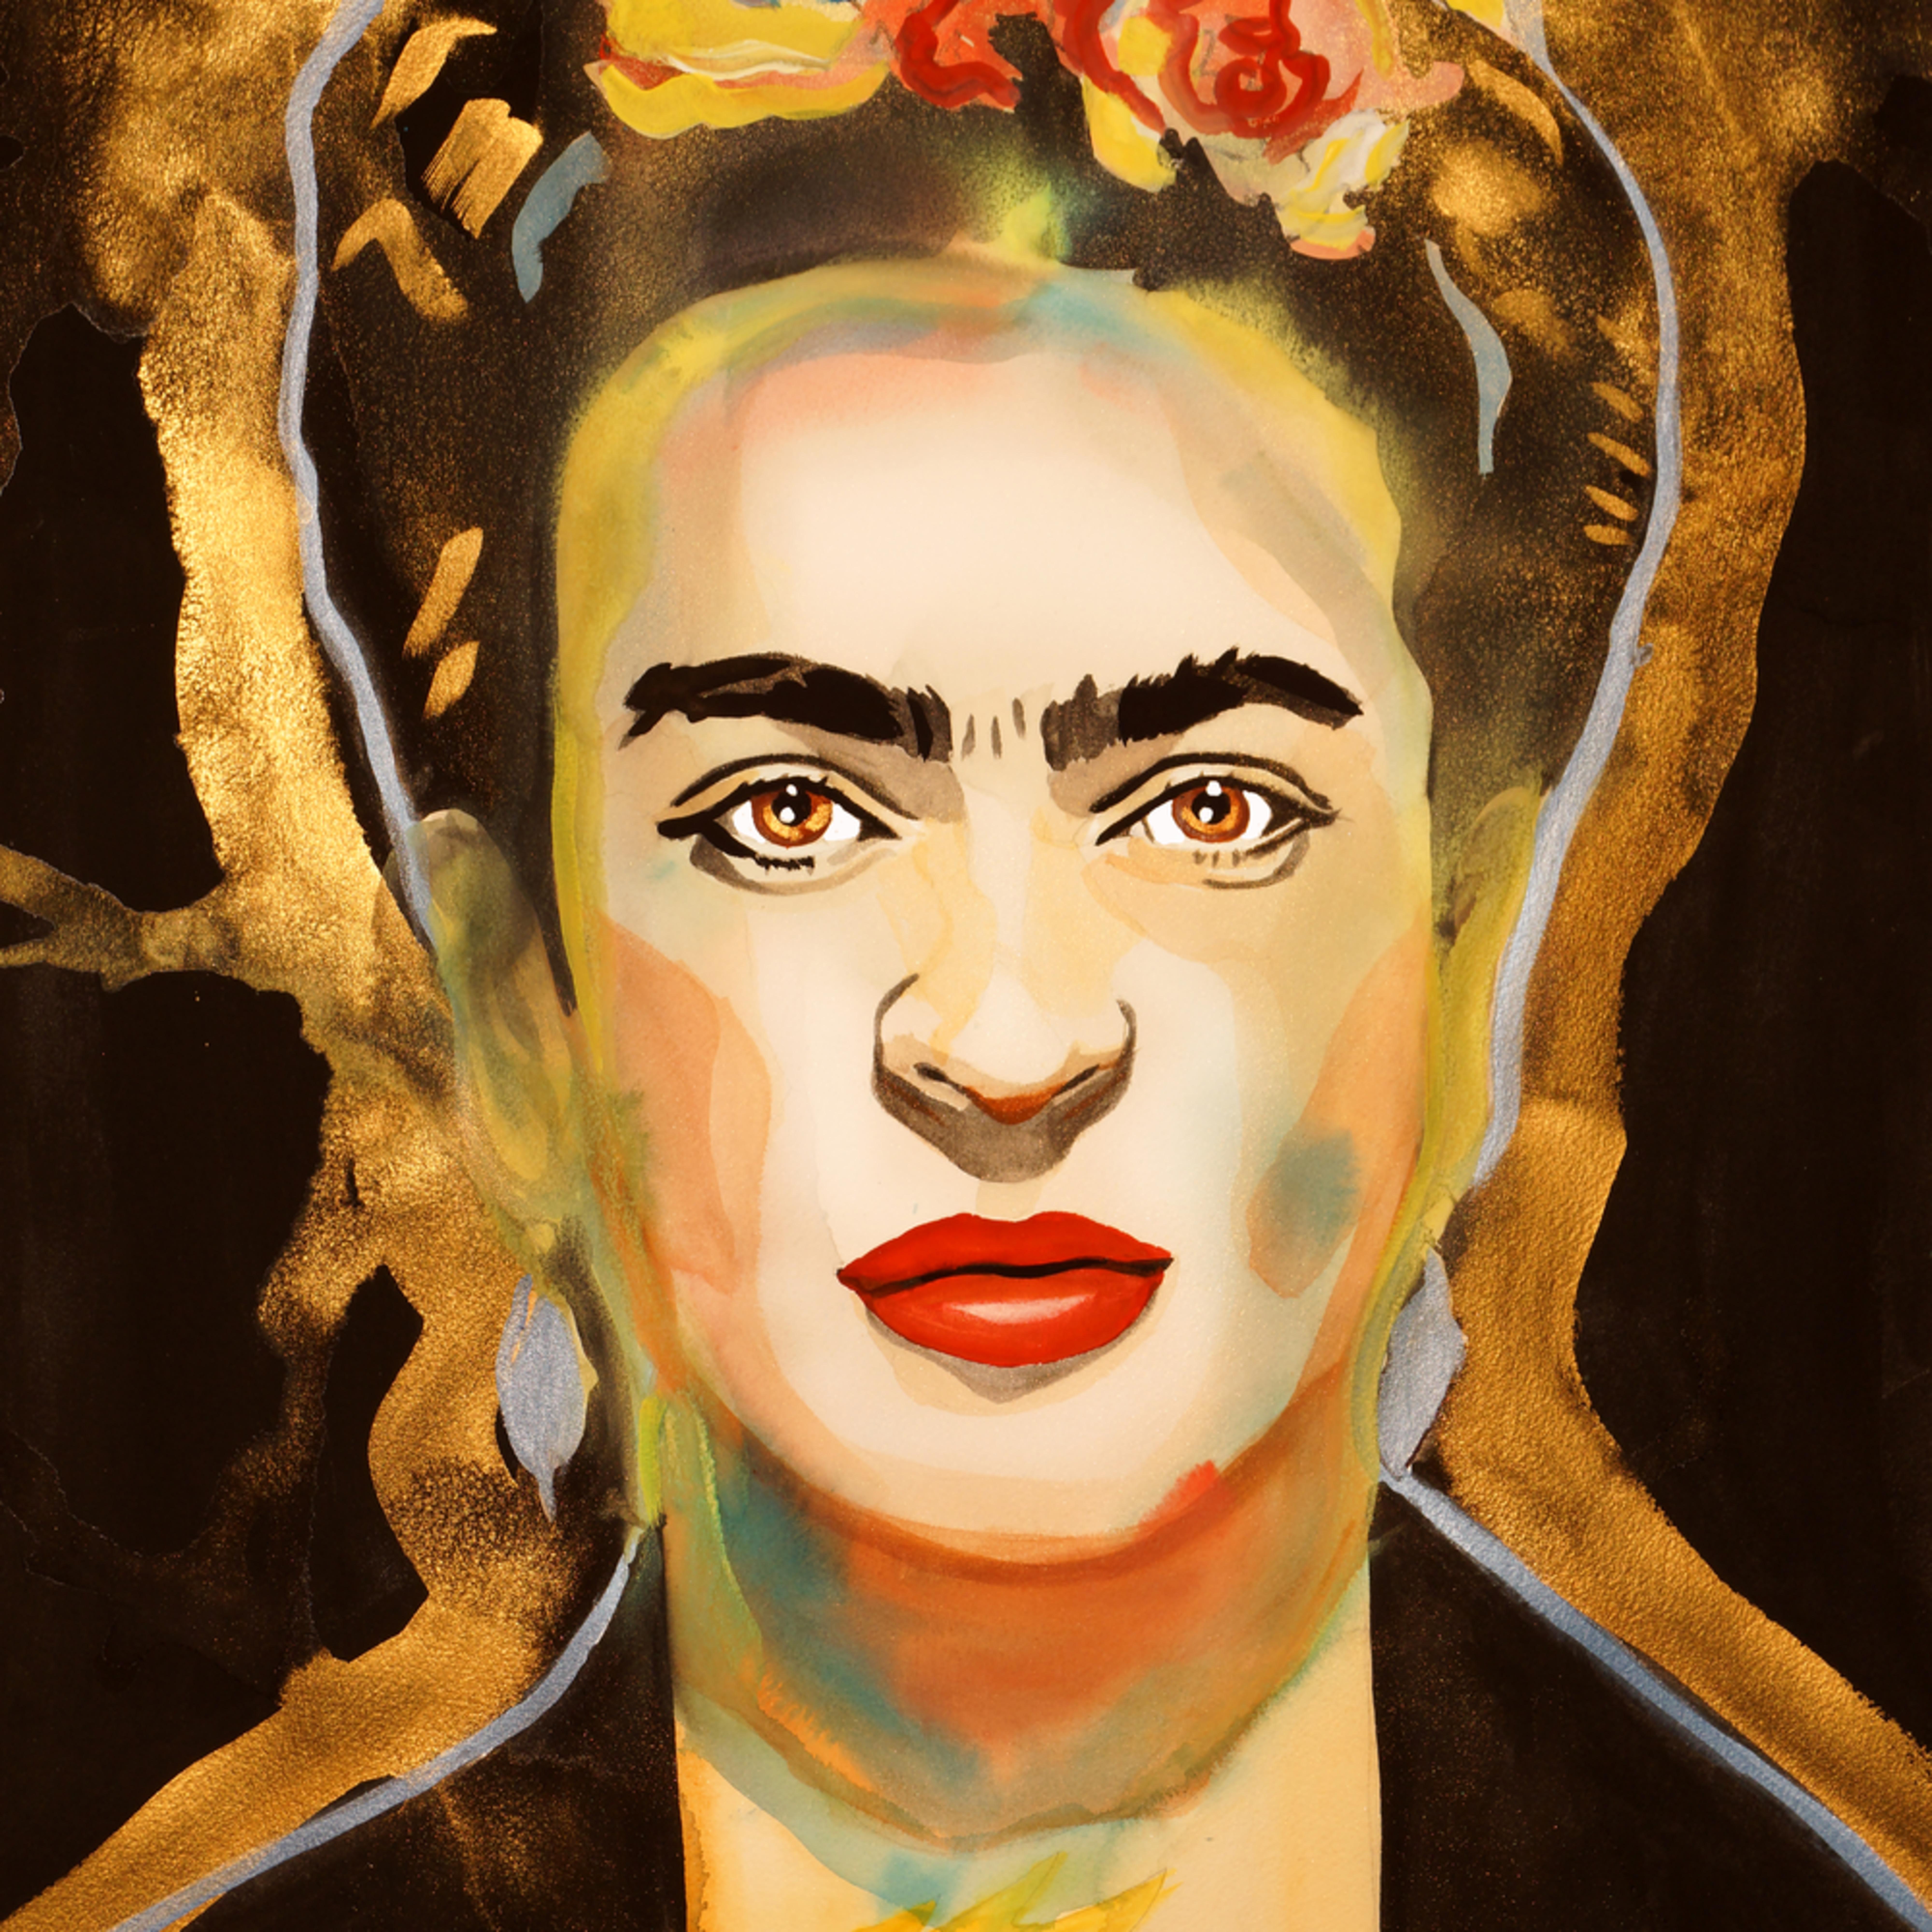 Frida 2 o 48 bxvhig